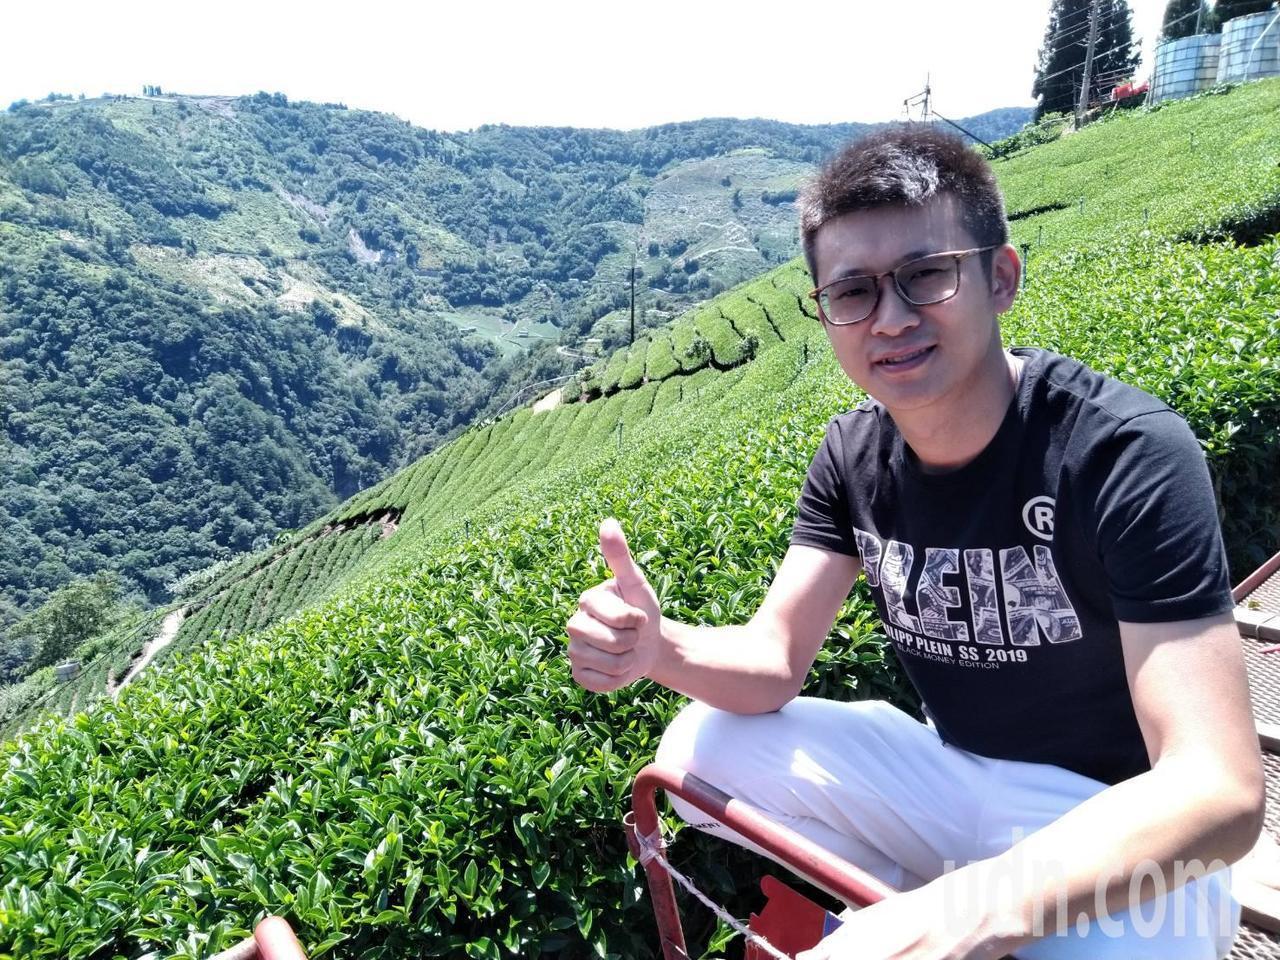 茗博茶業負責人陳孟智要把梨山茶精品化。 記者黃寅/攝影